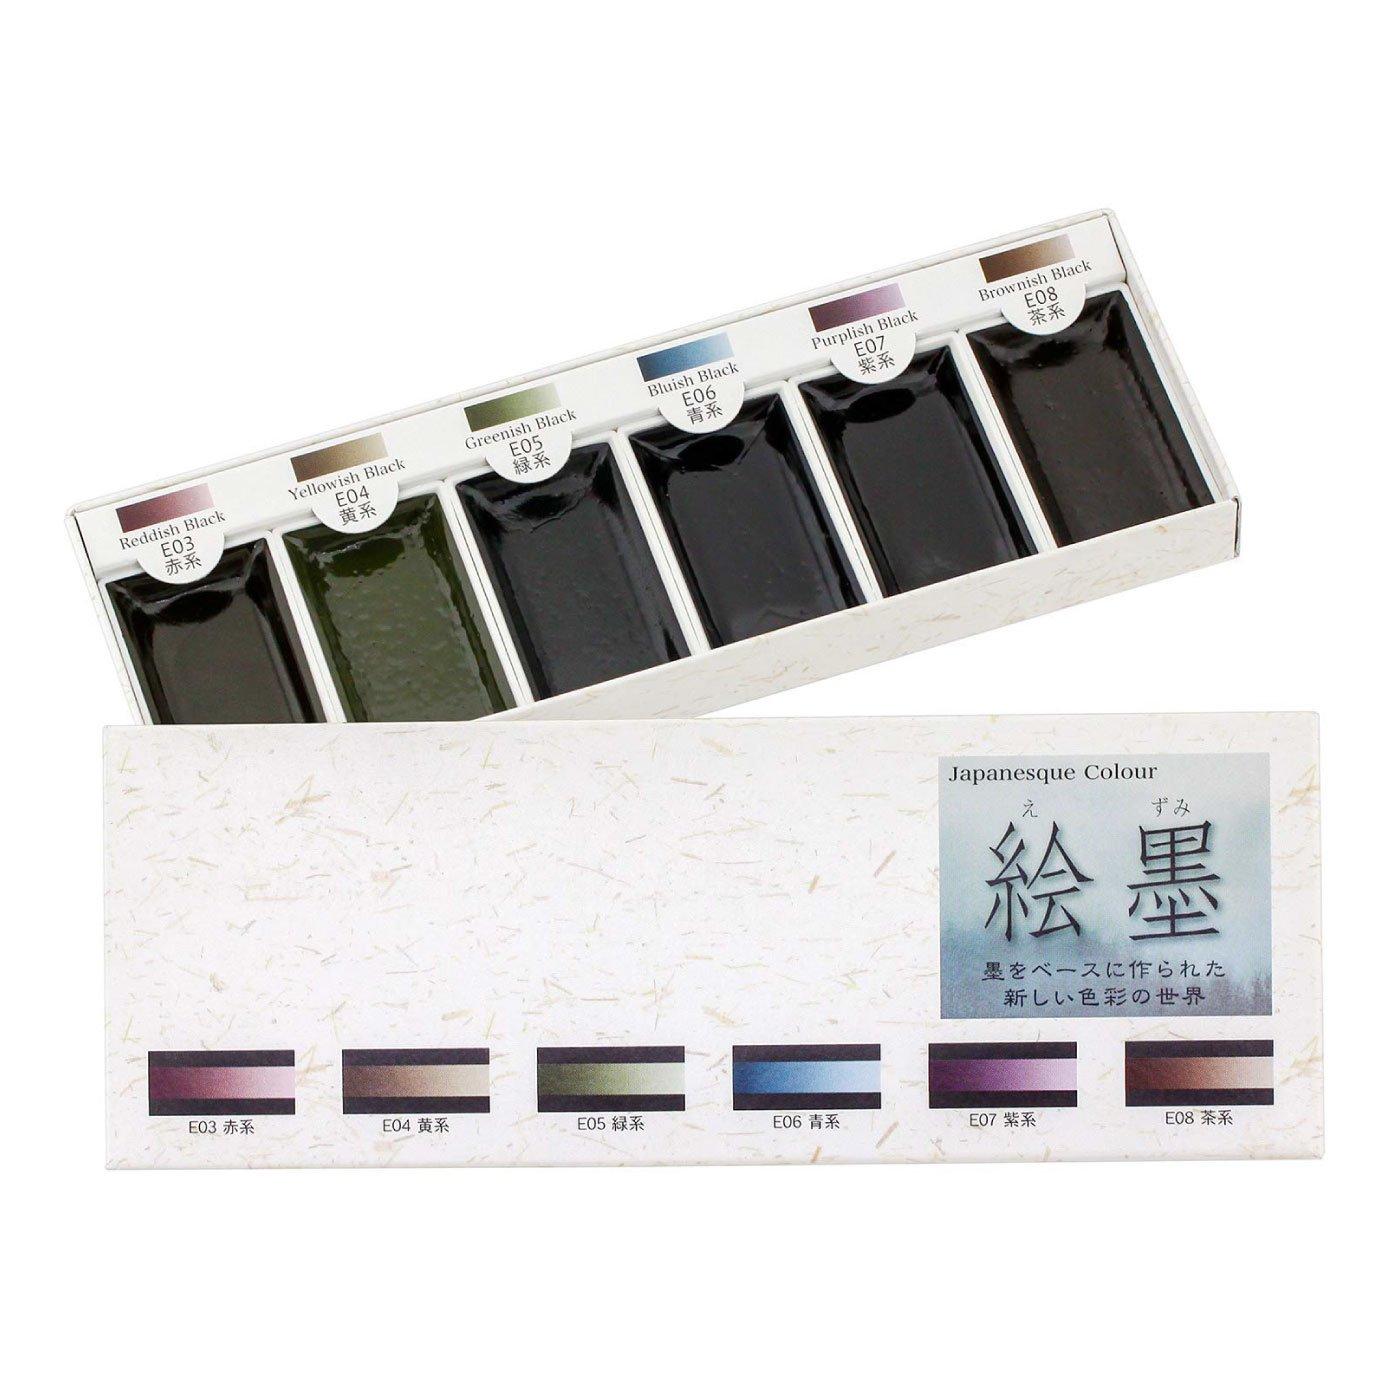 奈良の老舗・墨運堂 彩りのある水墨画が描ける 絵墨セット6色